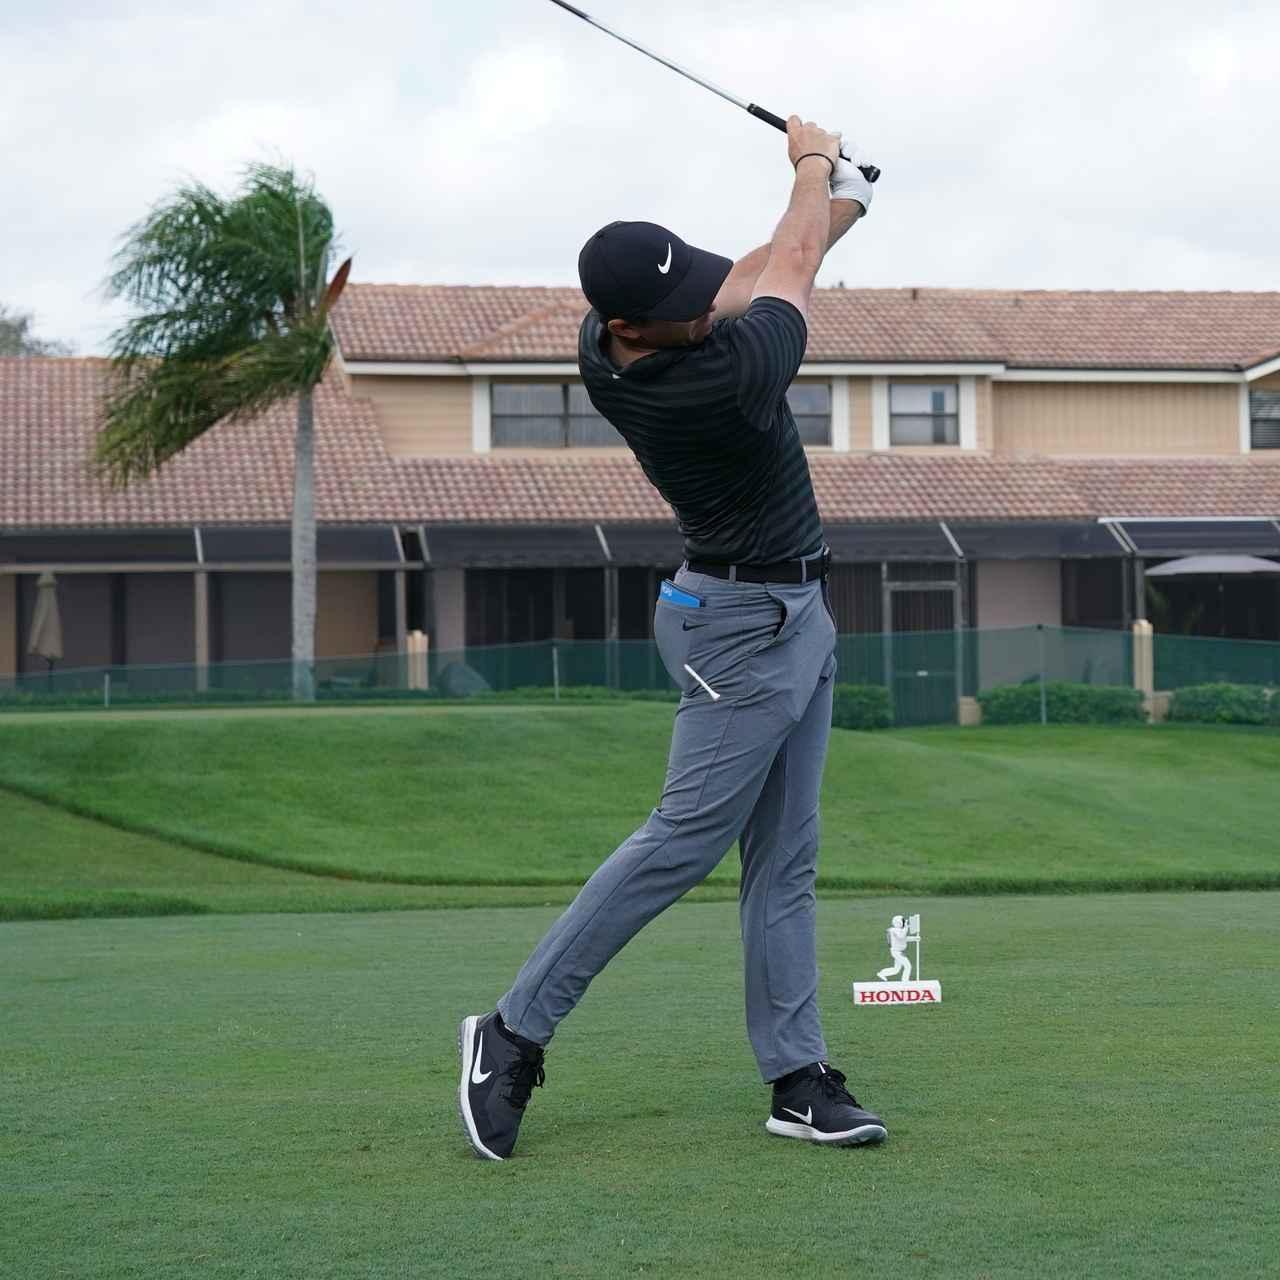 画像6: 【ローリー・マキロイ】現代版ドローヒッターの基準! 右足に体重を残し、右足の上で体を回して球をとらえる!